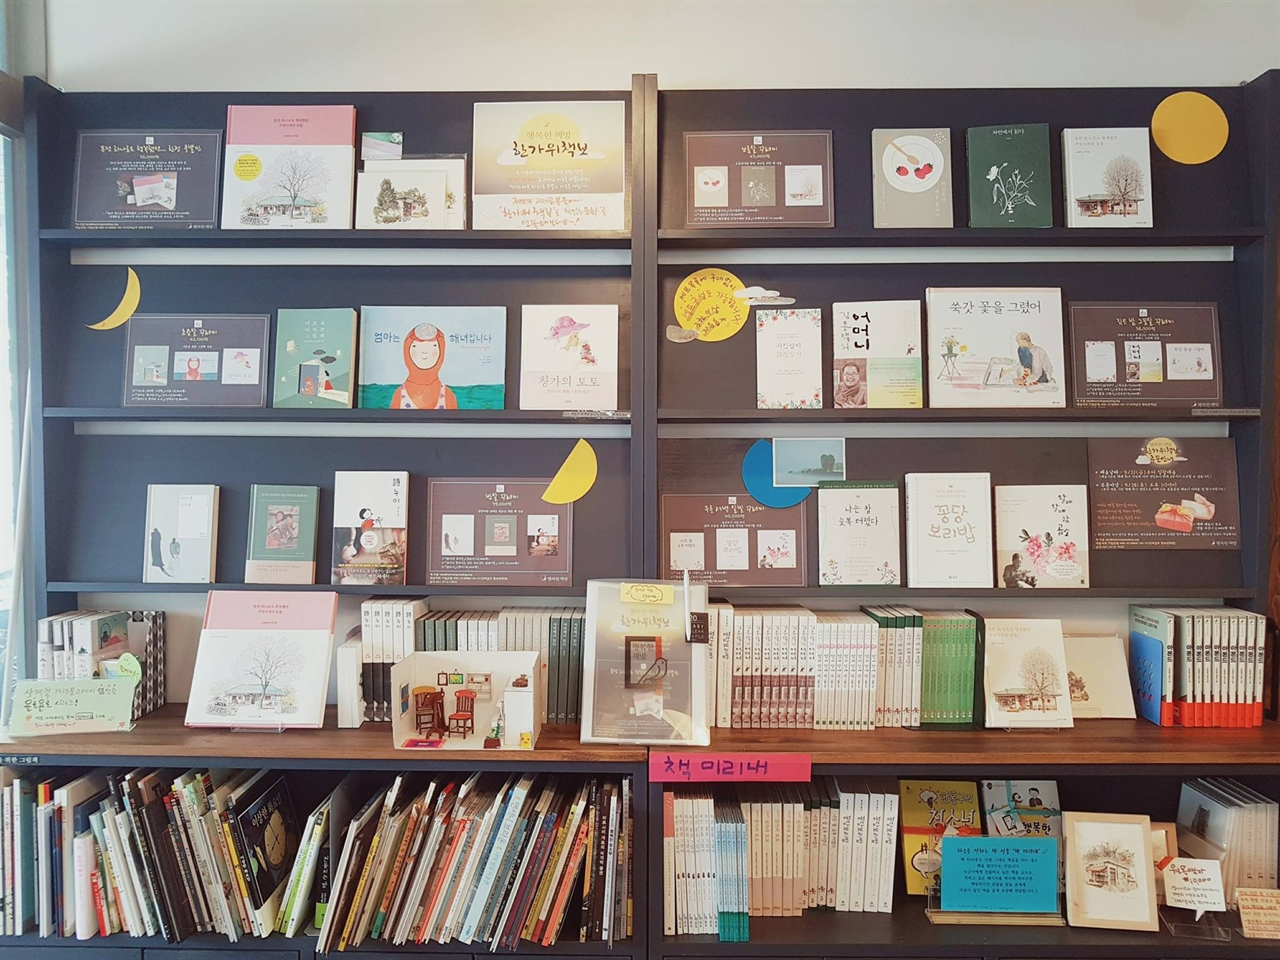 행복한책방에 전시되어 있는 한가위 책보 꾸러미 책들